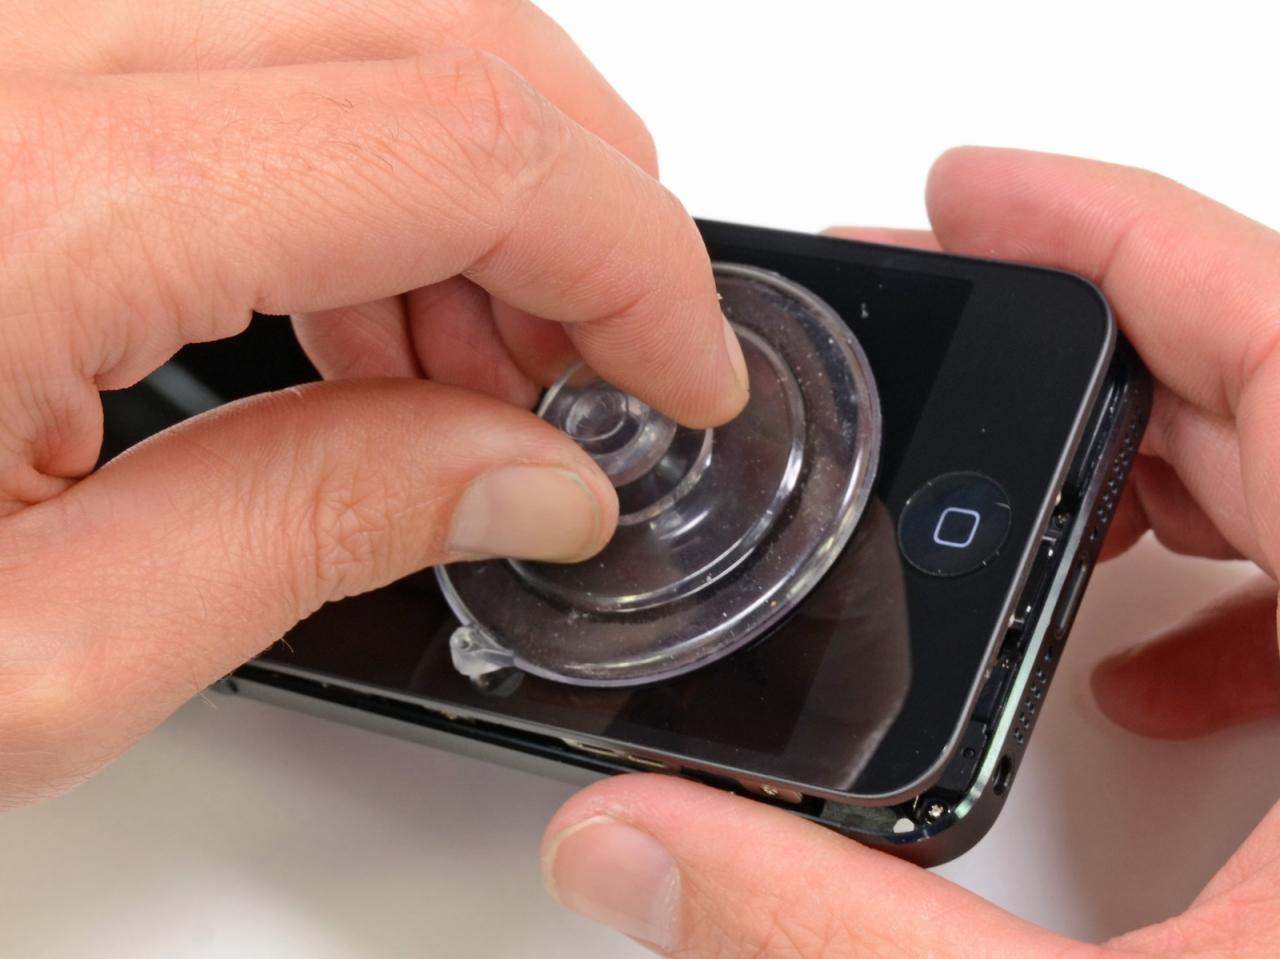 Apple sostituirà gli schermi rotti degli iPhone 5 direttamente negli Store?